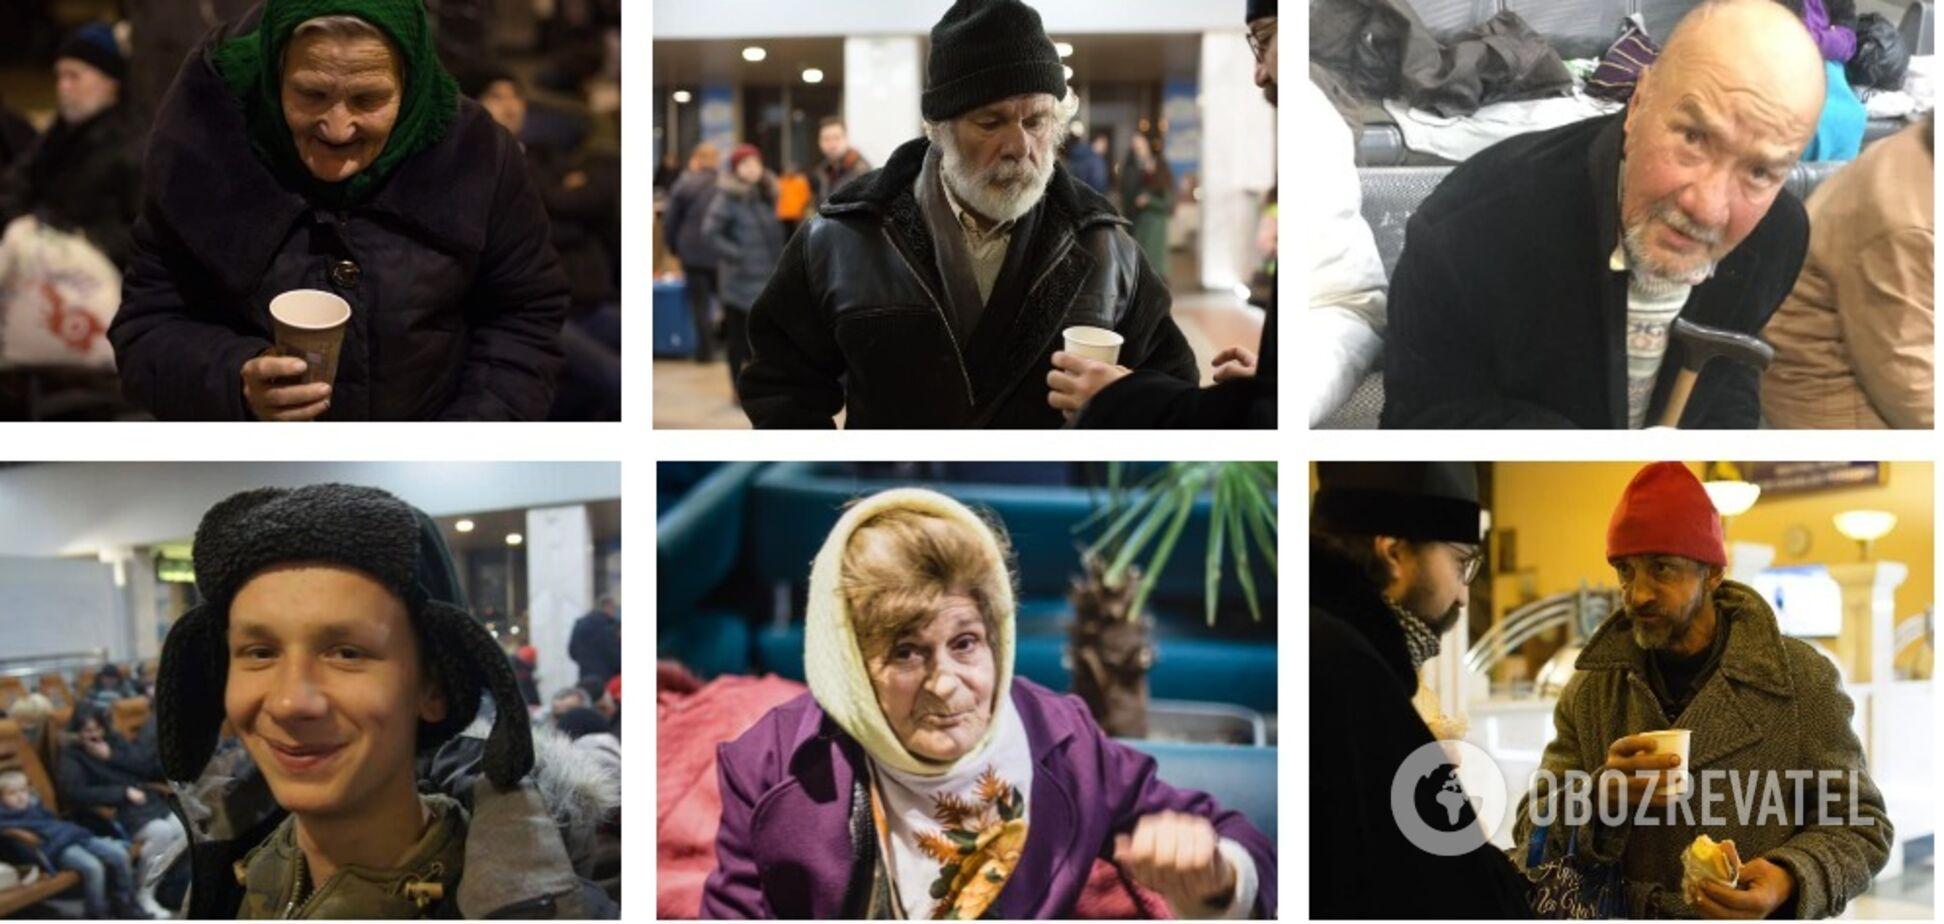 Священник Захария Керстюк: на вокзале в Киеве сотни бездомных оказались в рабстве